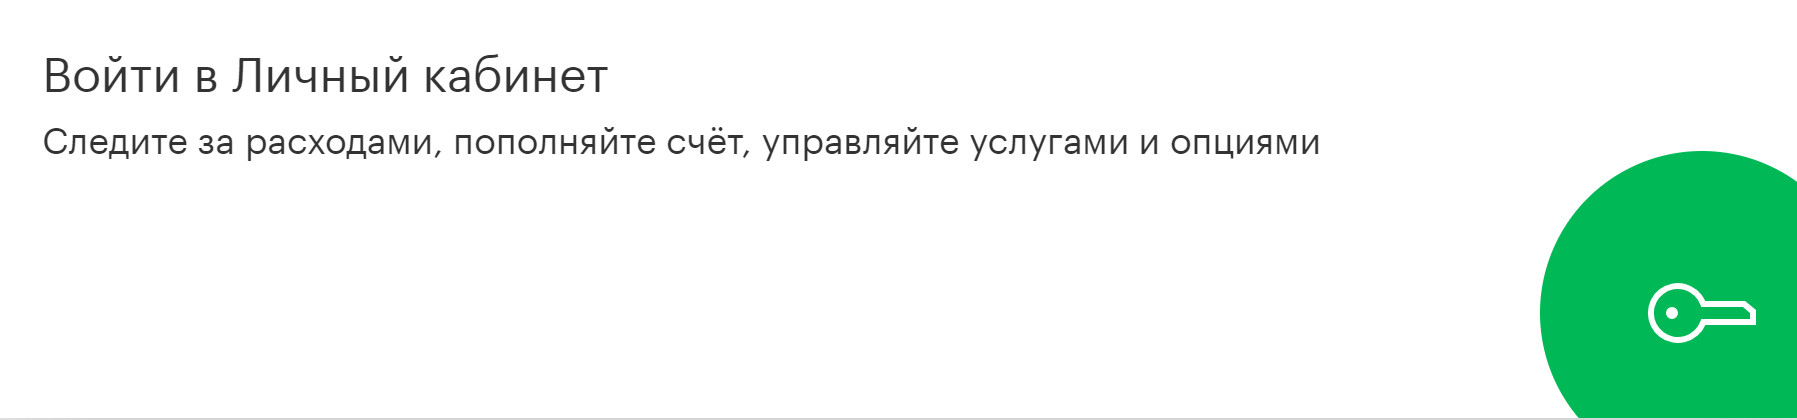 Вход в личный кабинет Мегафон Киров